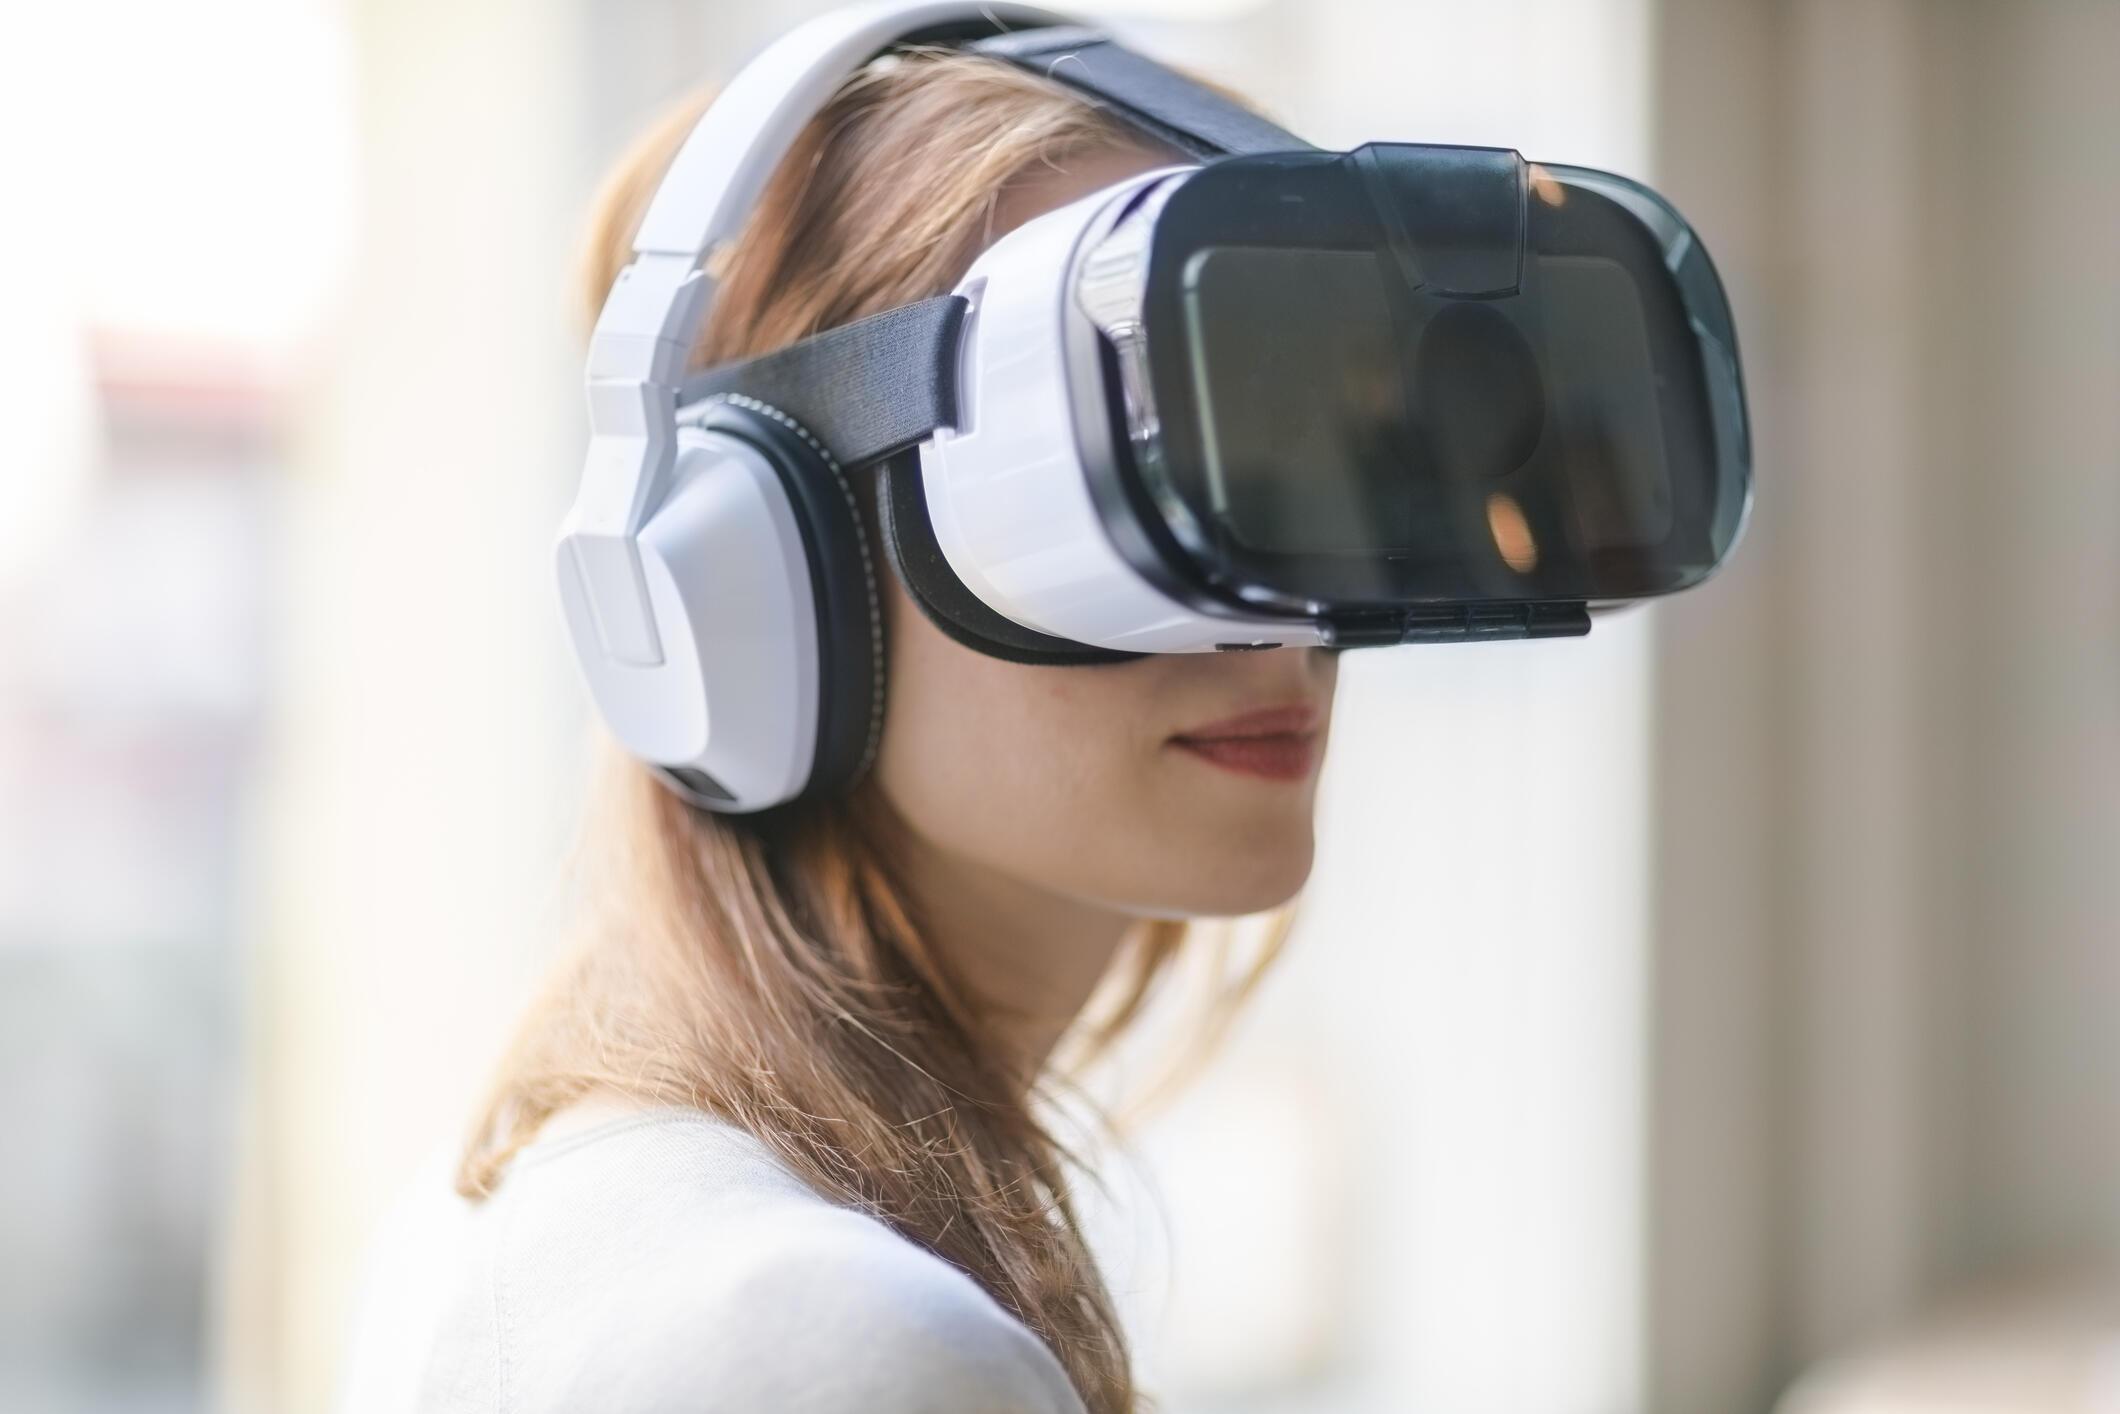 Pour utiliser le nouveau service Oksusu de l'opérateur SK Telecom, le client doit se coiffer d'un casque de réalité virtuelle (photo illustration).